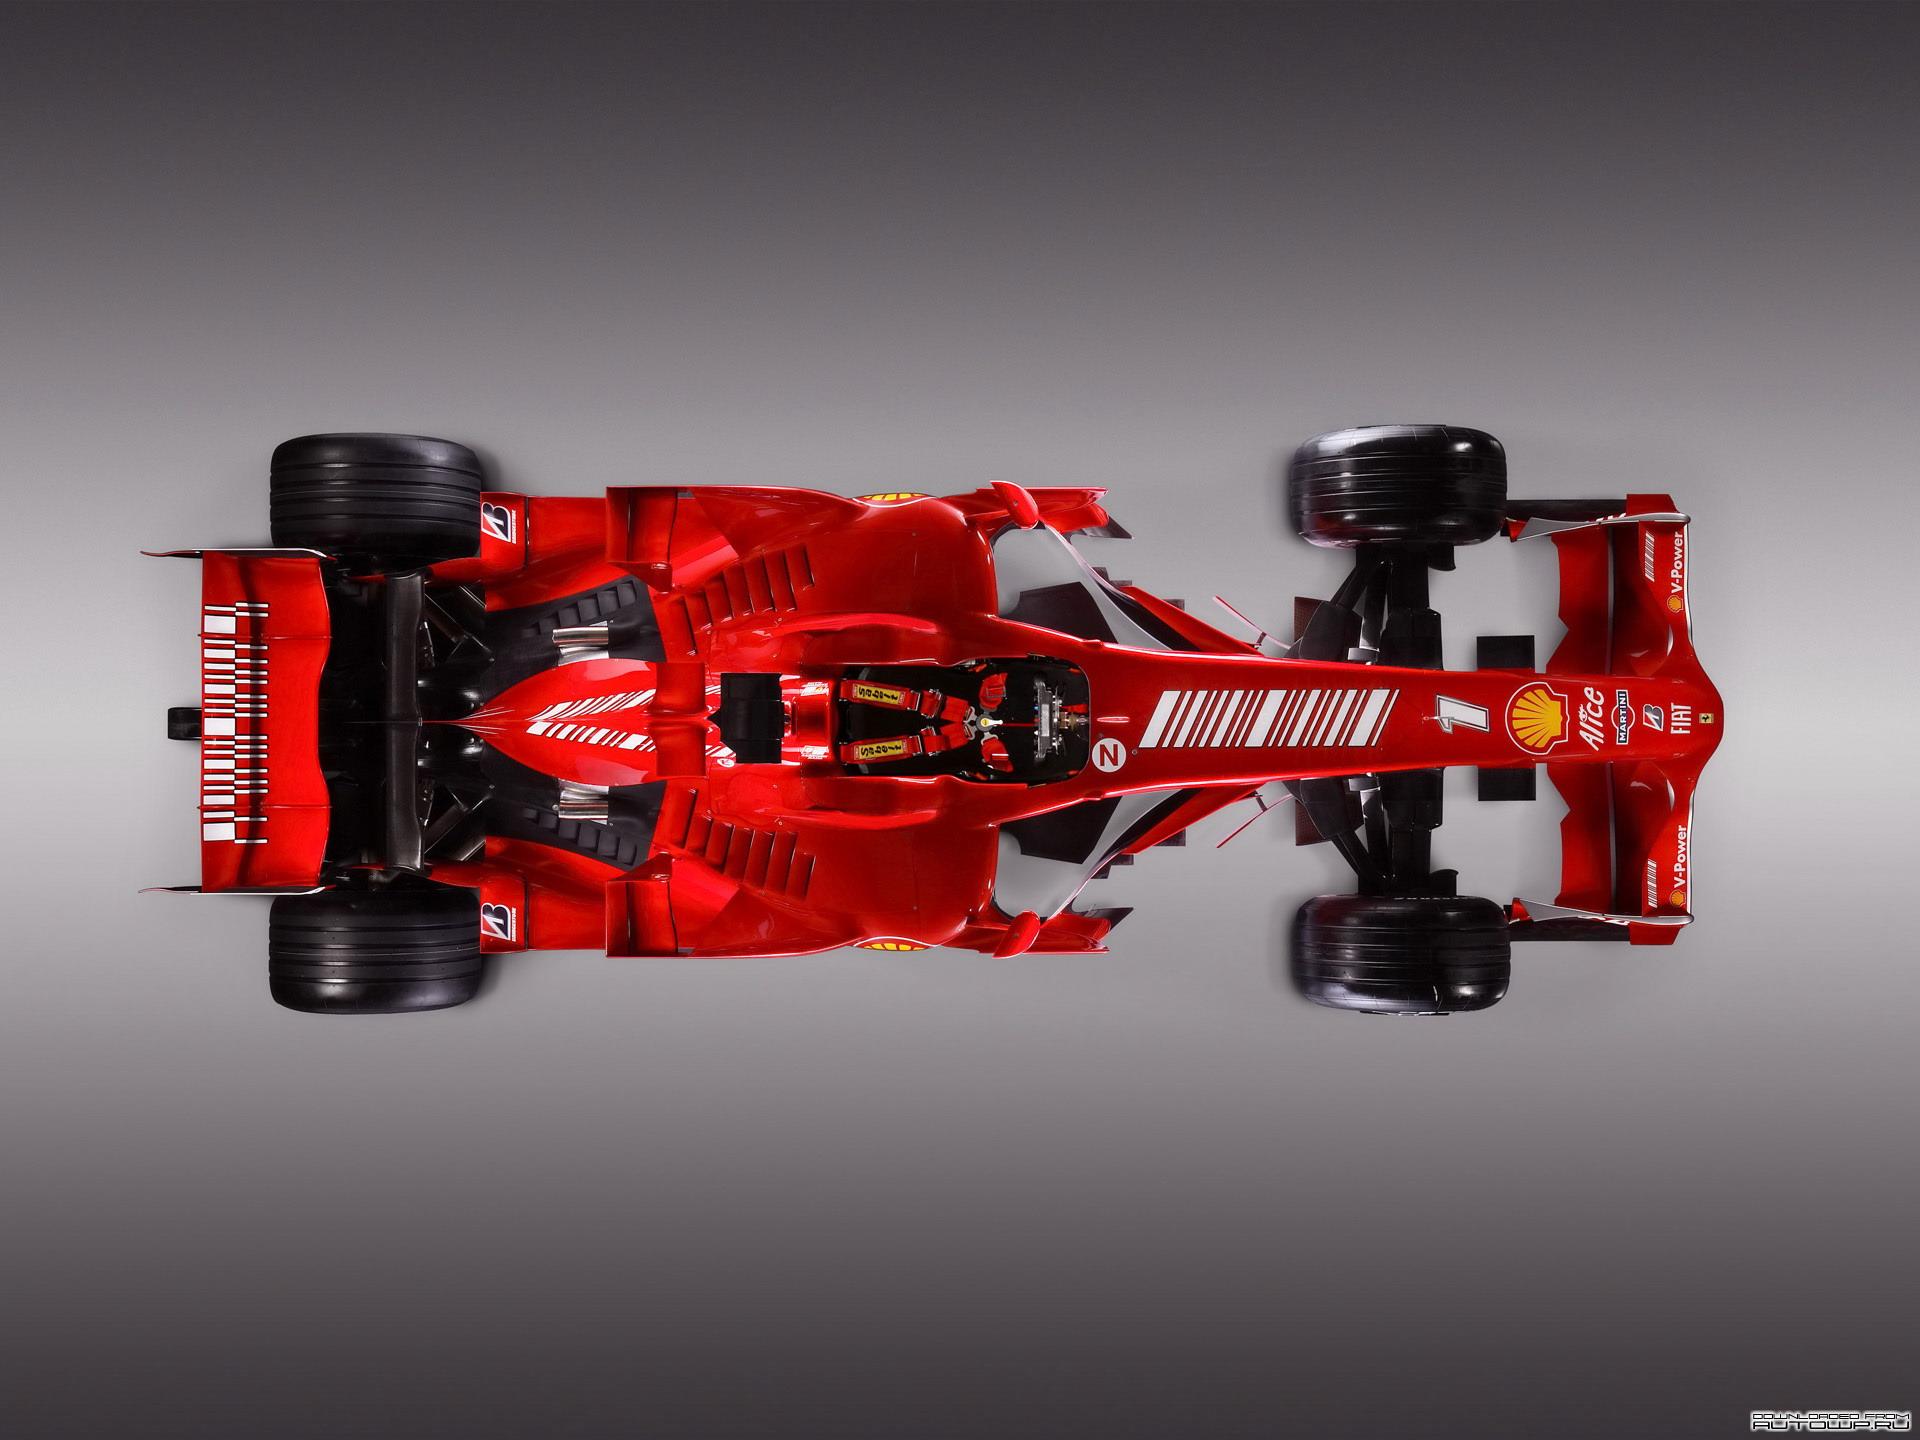 Красный болид, машина, формула 1, обои на рабочий стол, фото